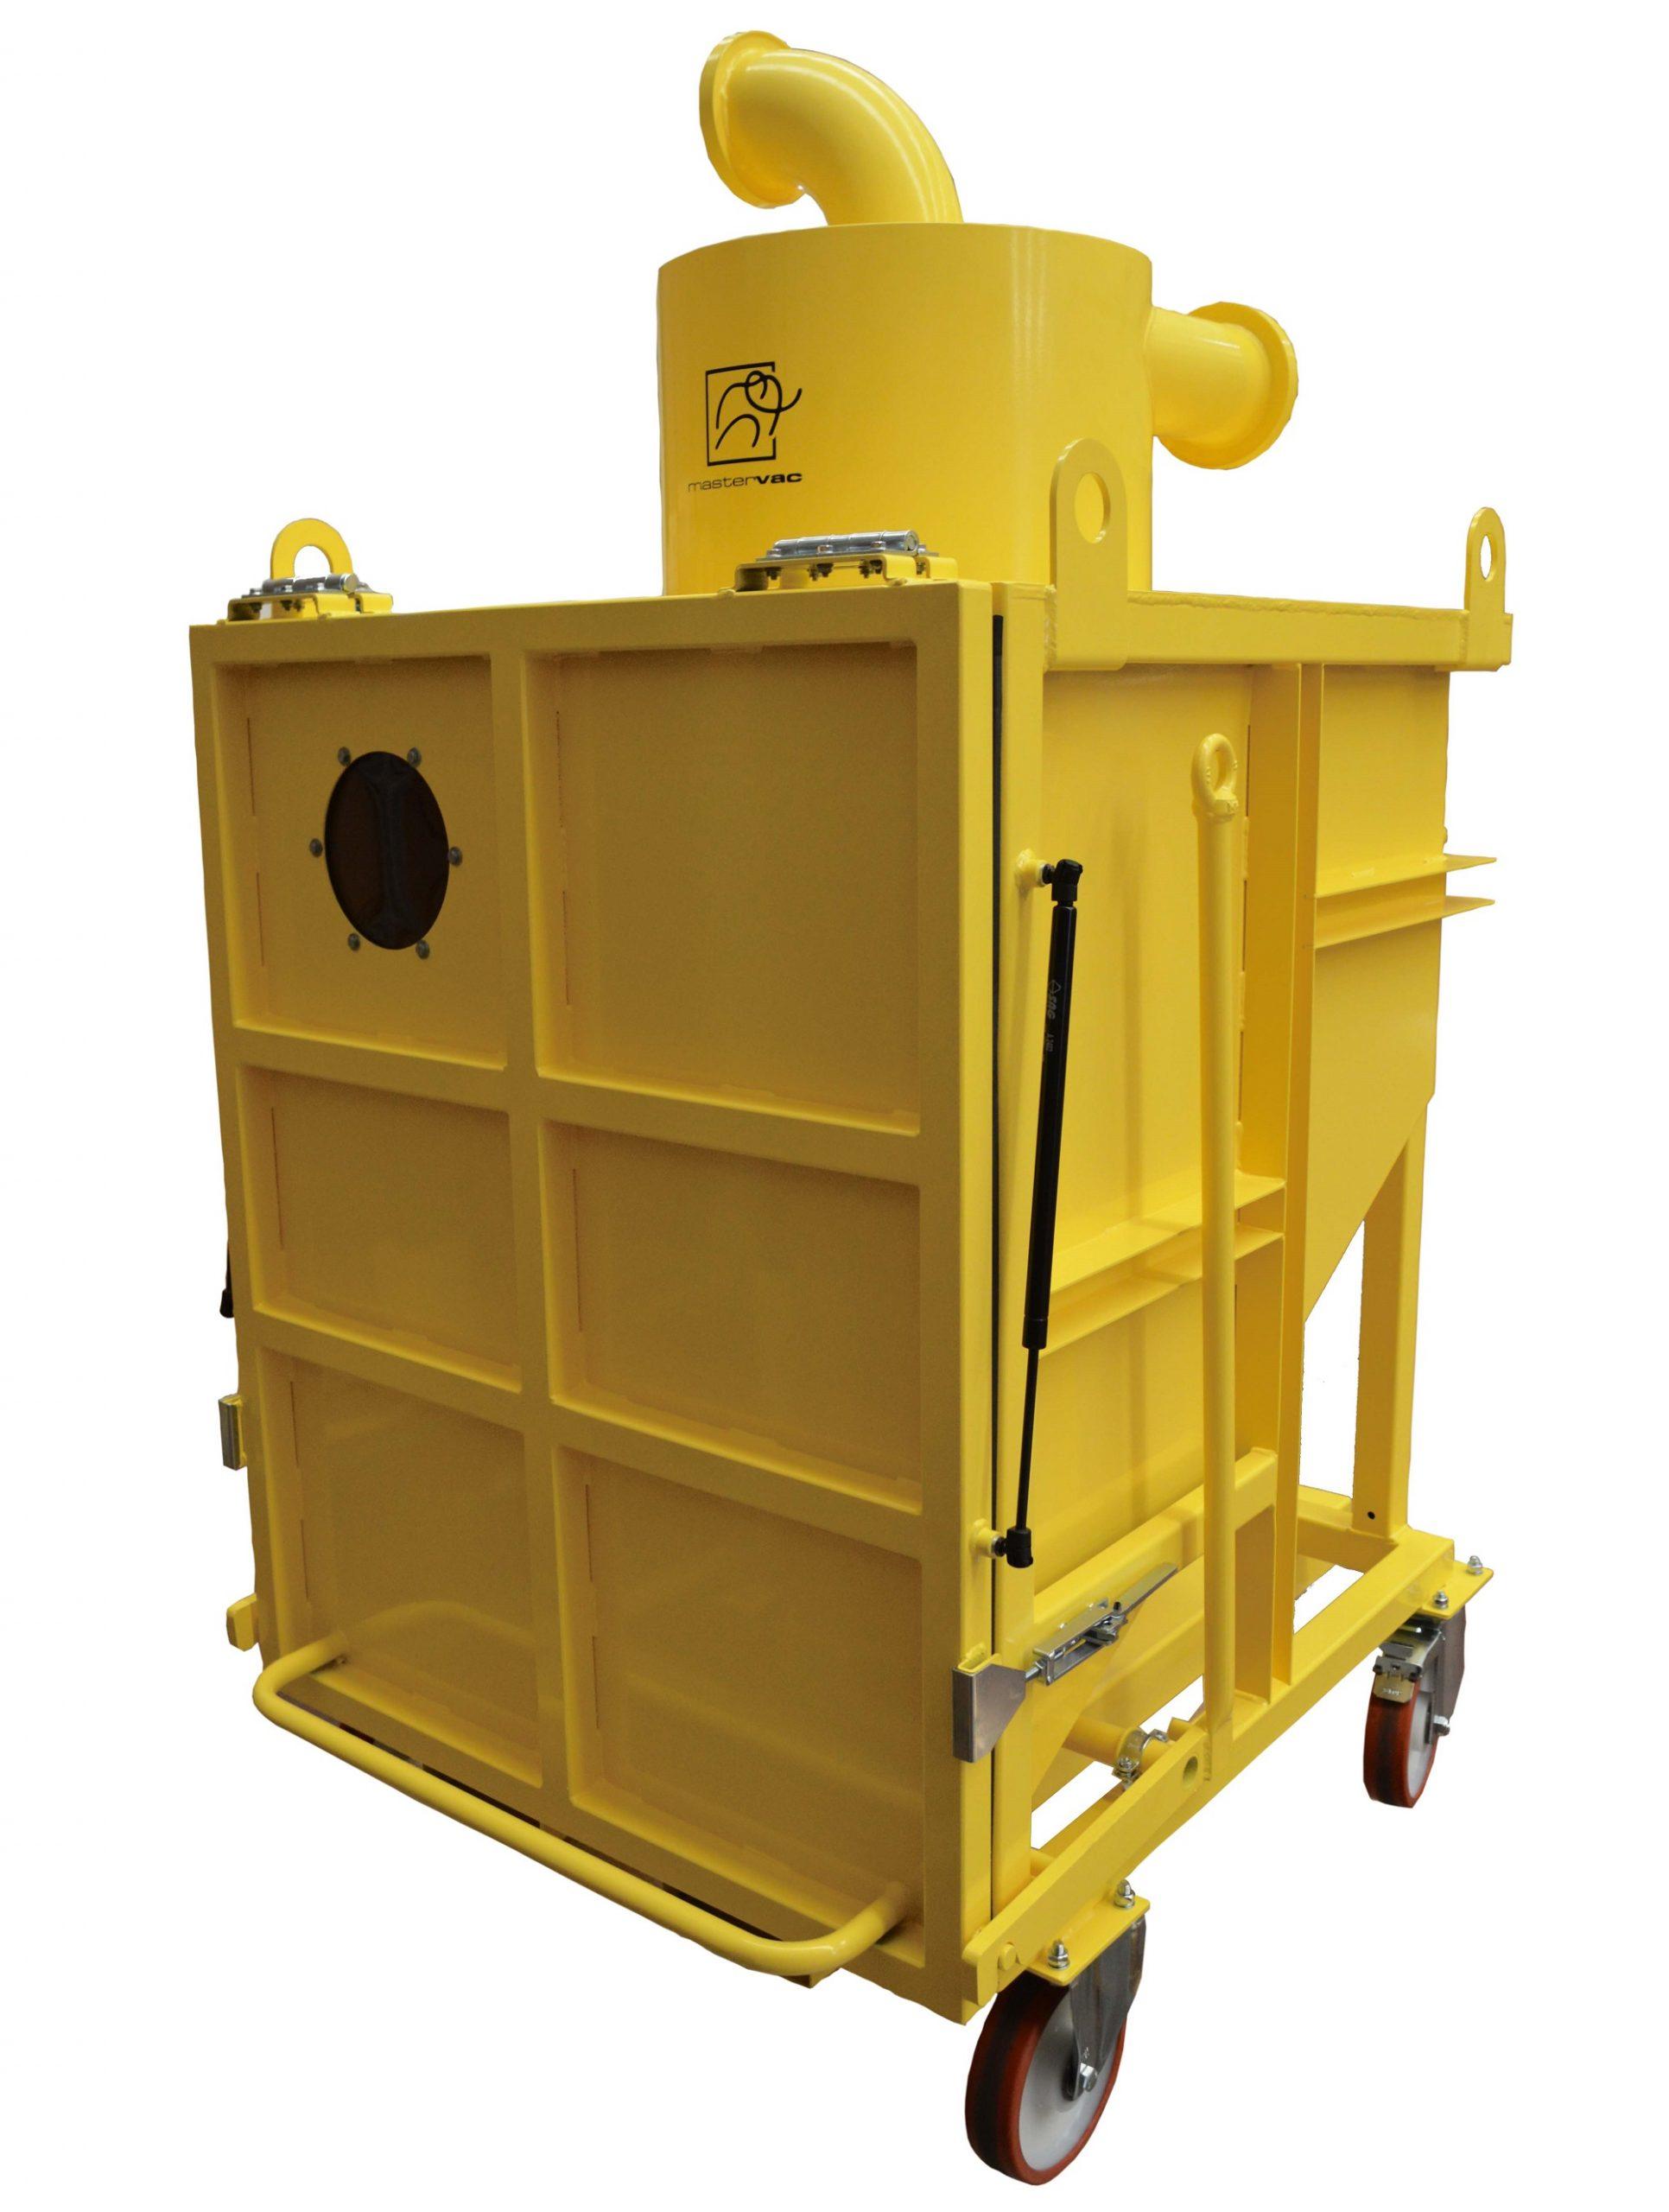 Fahrbarer Kipp-Vorabscheider-Container